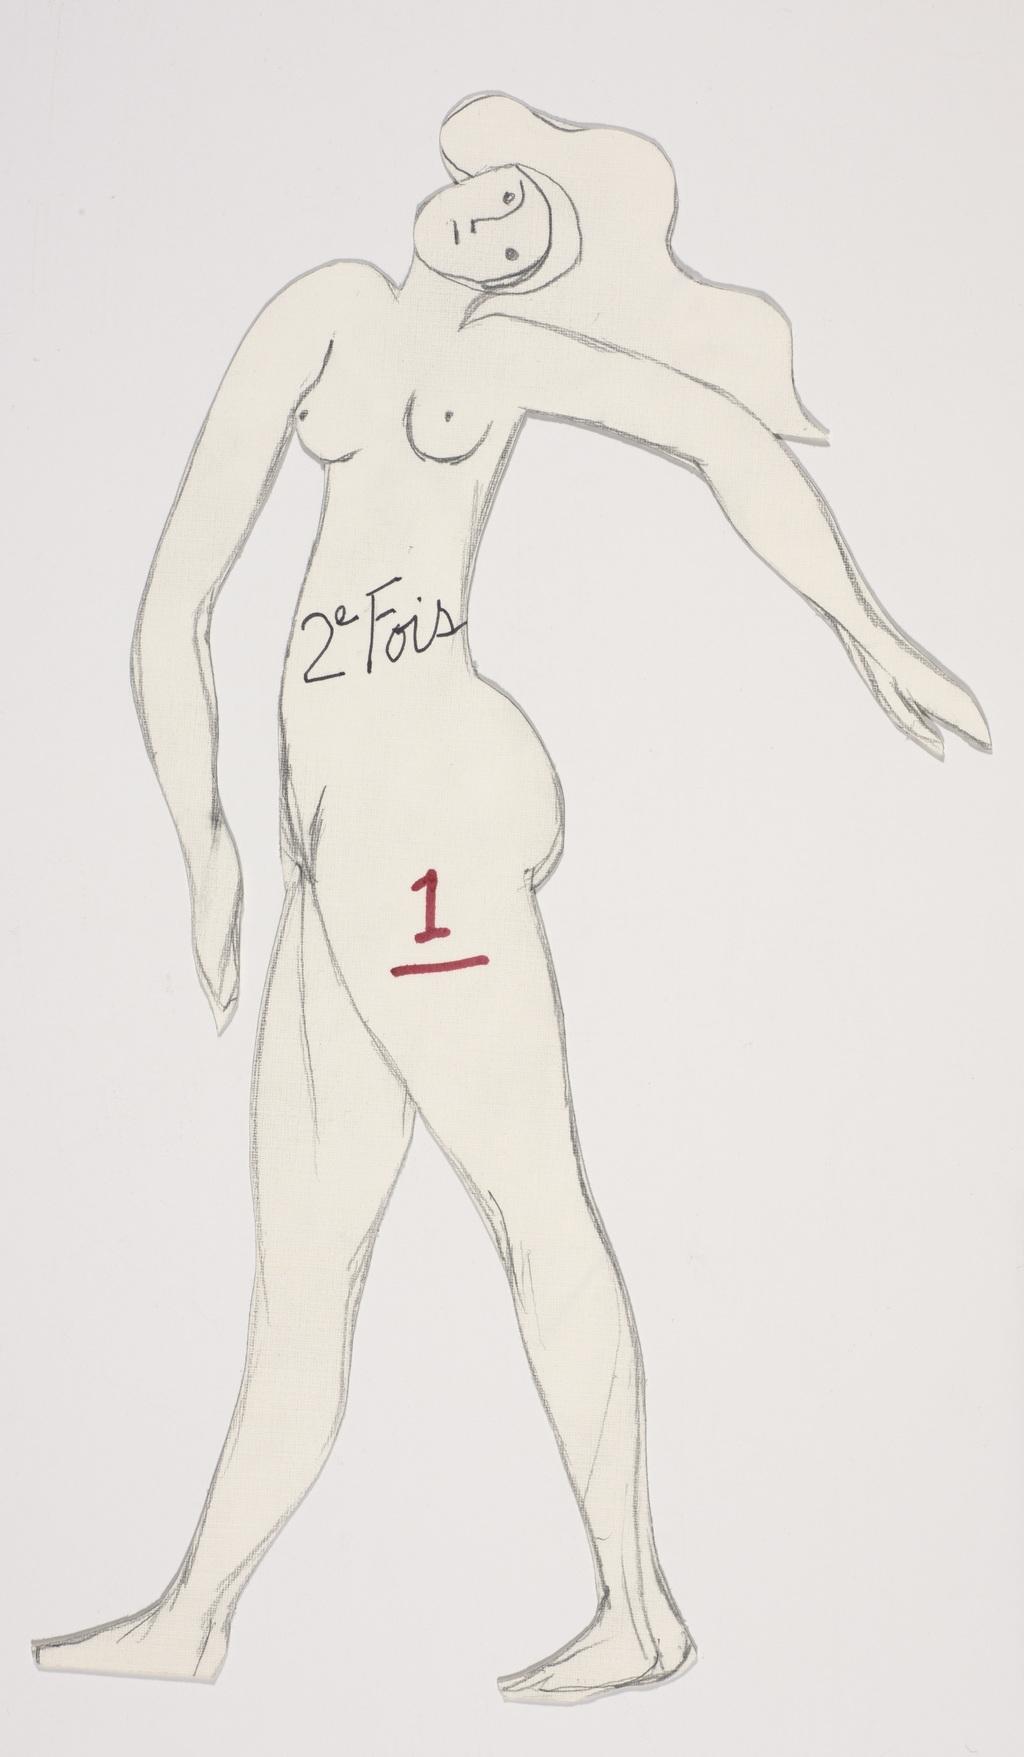 Lot de dix gabarits pour femmes nos 1, 8, 10, 11, 14, 15, 35, 56, 80 et 92